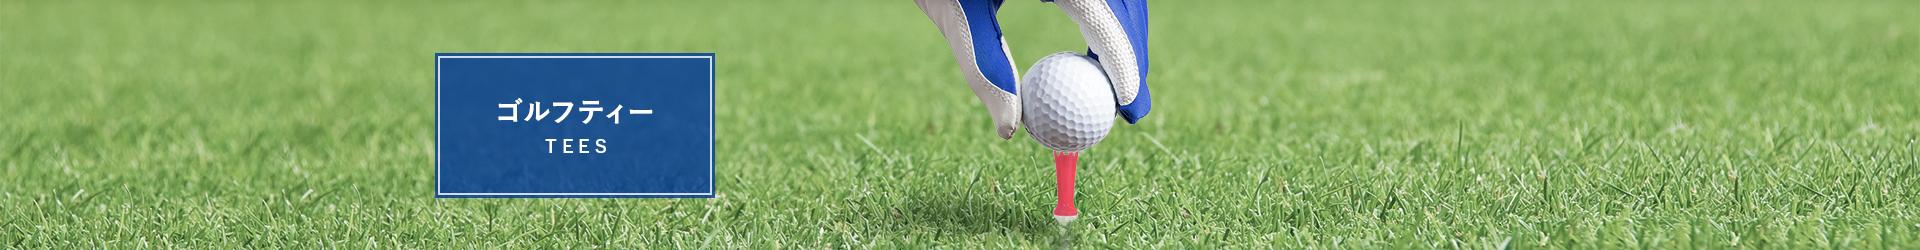 ゴルフティー